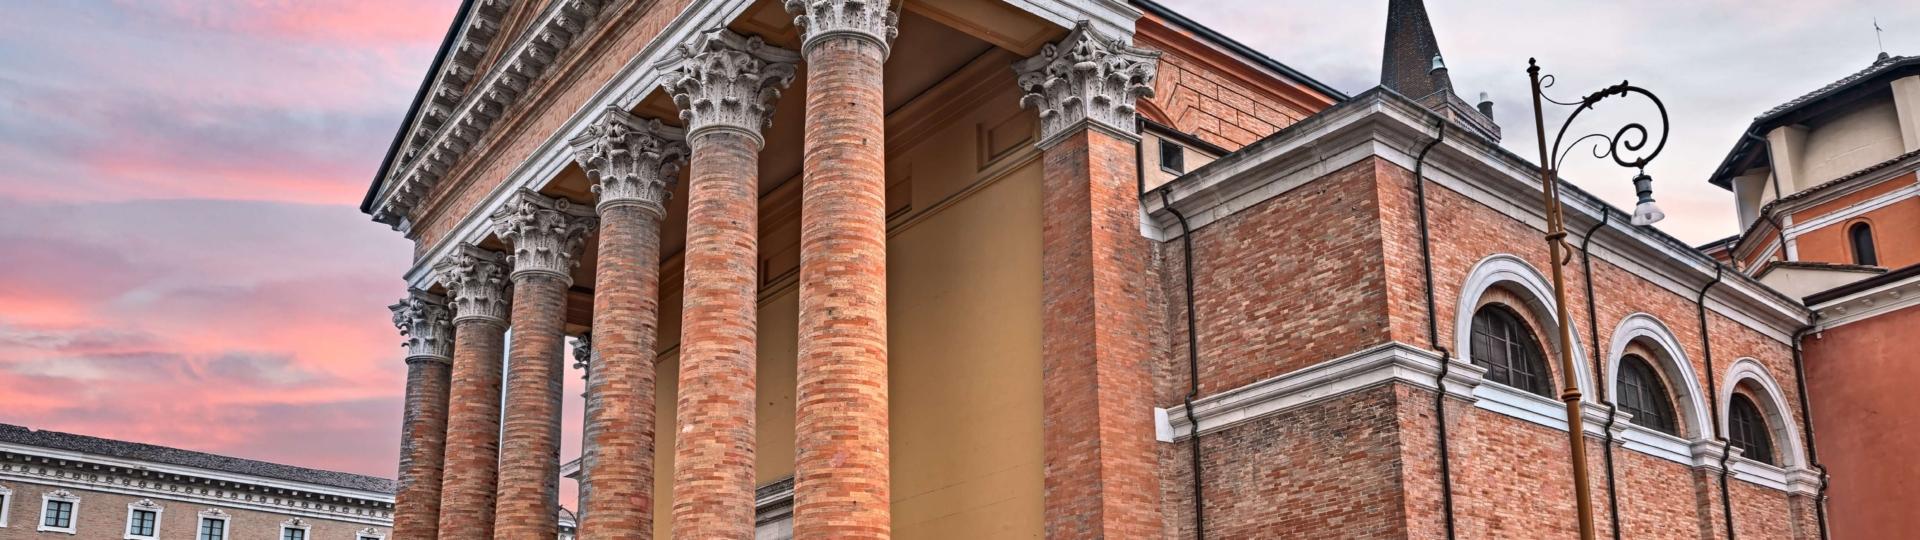 2. Forlì esterno chiesa cattolica